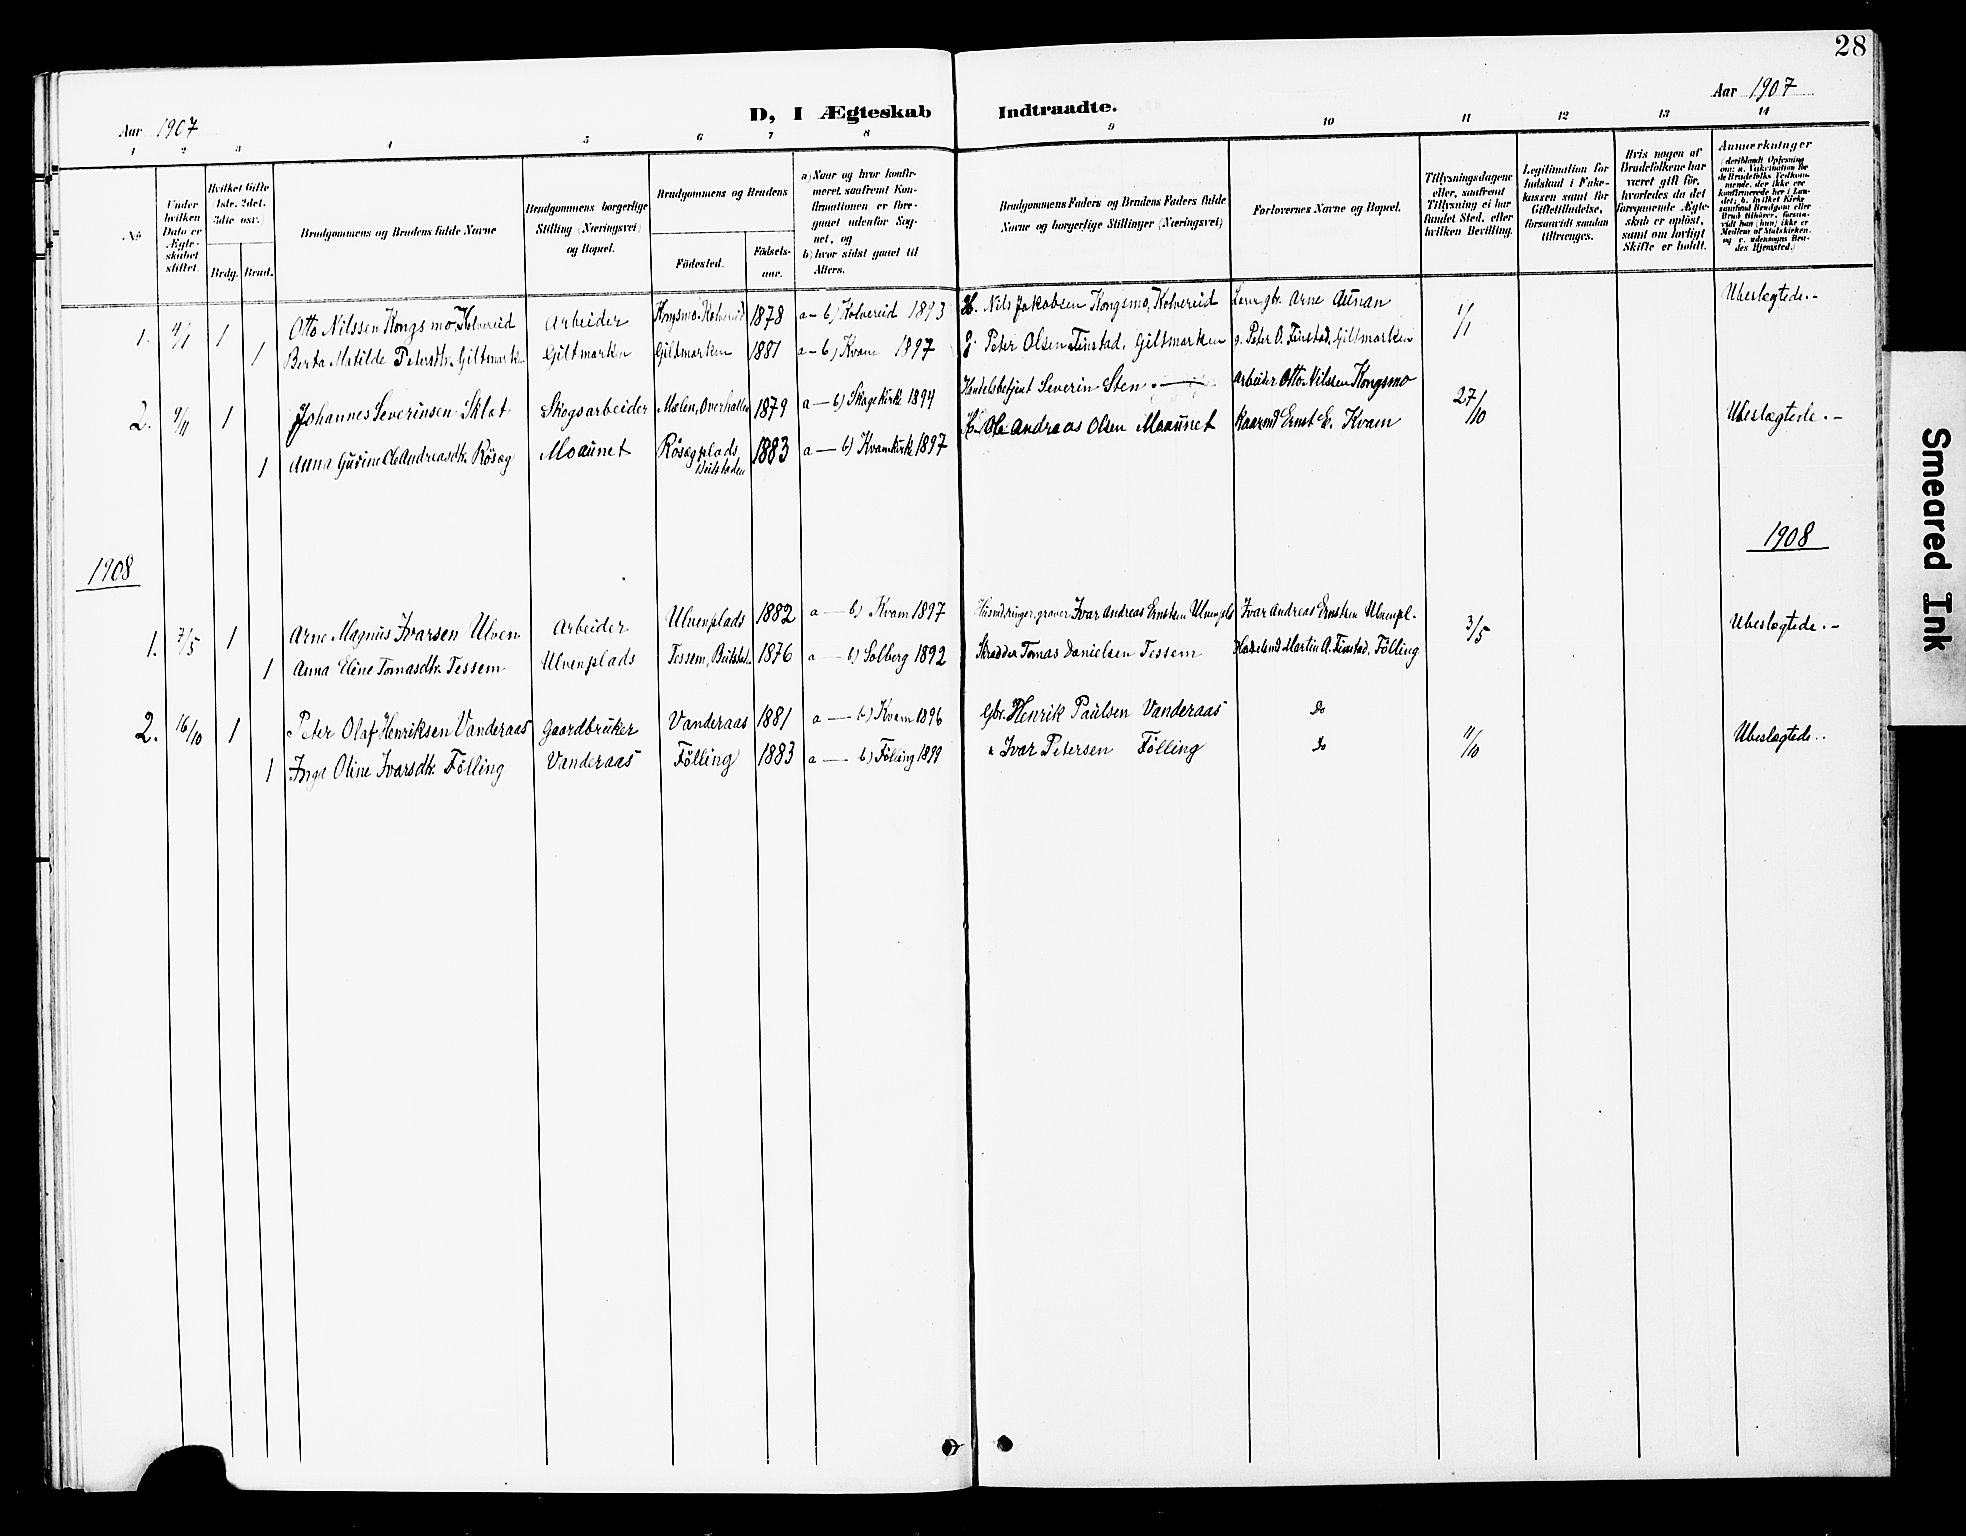 SAT, Ministerialprotokoller, klokkerbøker og fødselsregistre - Nord-Trøndelag, 748/L0464: Ministerialbok nr. 748A01, 1900-1908, s. 28